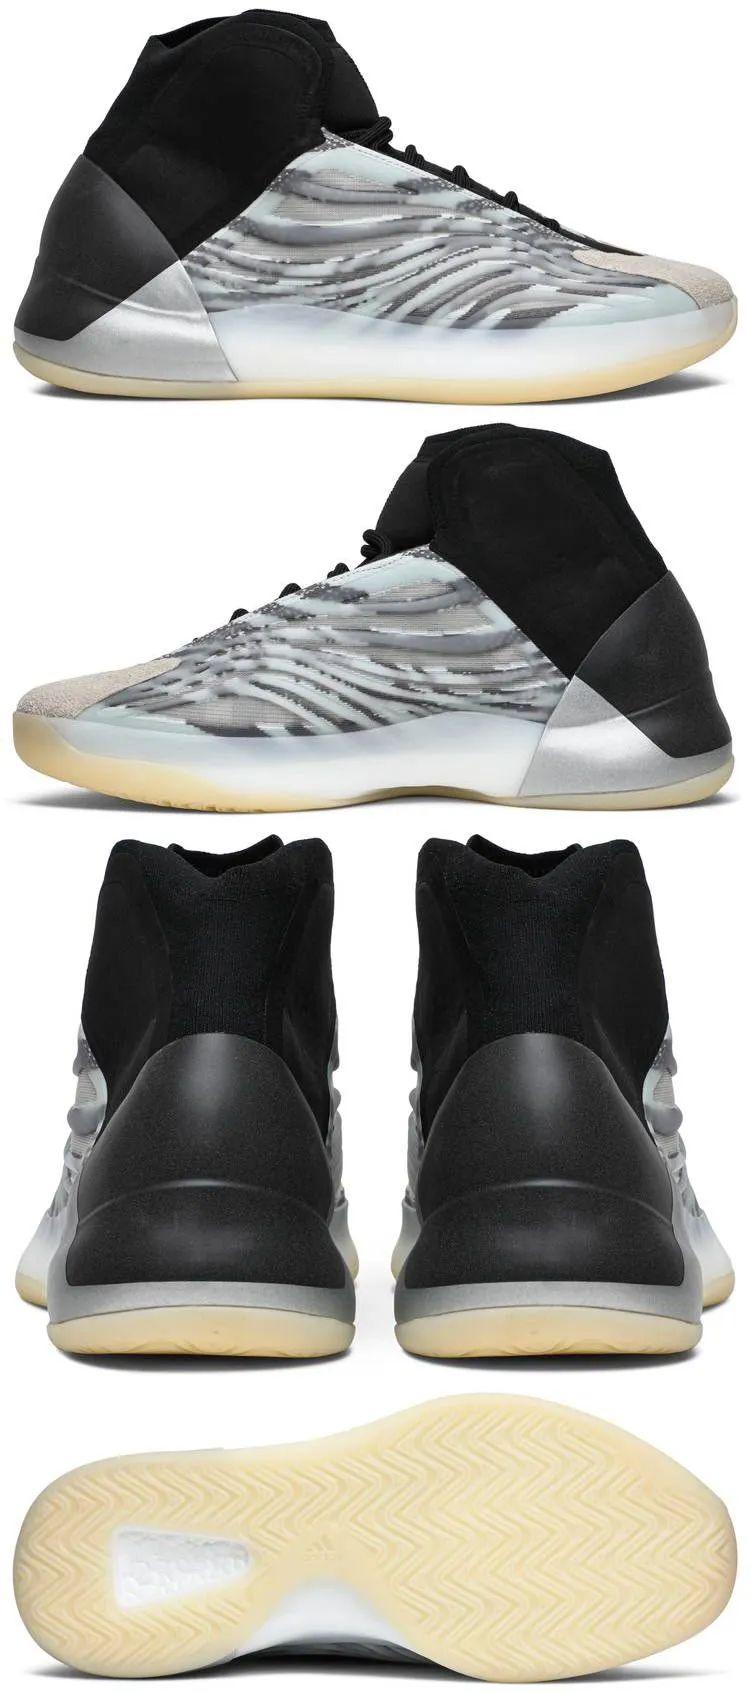 大街上免费发没抢到?Yeezy篮球鞋OG初代小程序开启抽签!